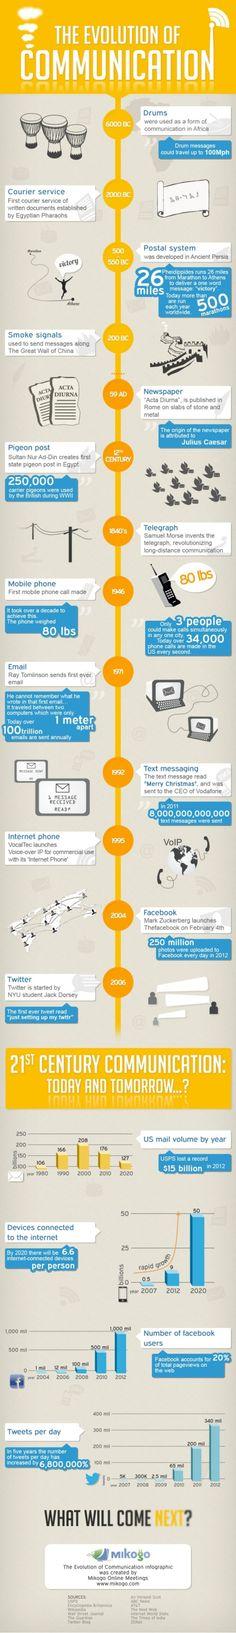 La evolución de la comunicación a lo largo del tiempo